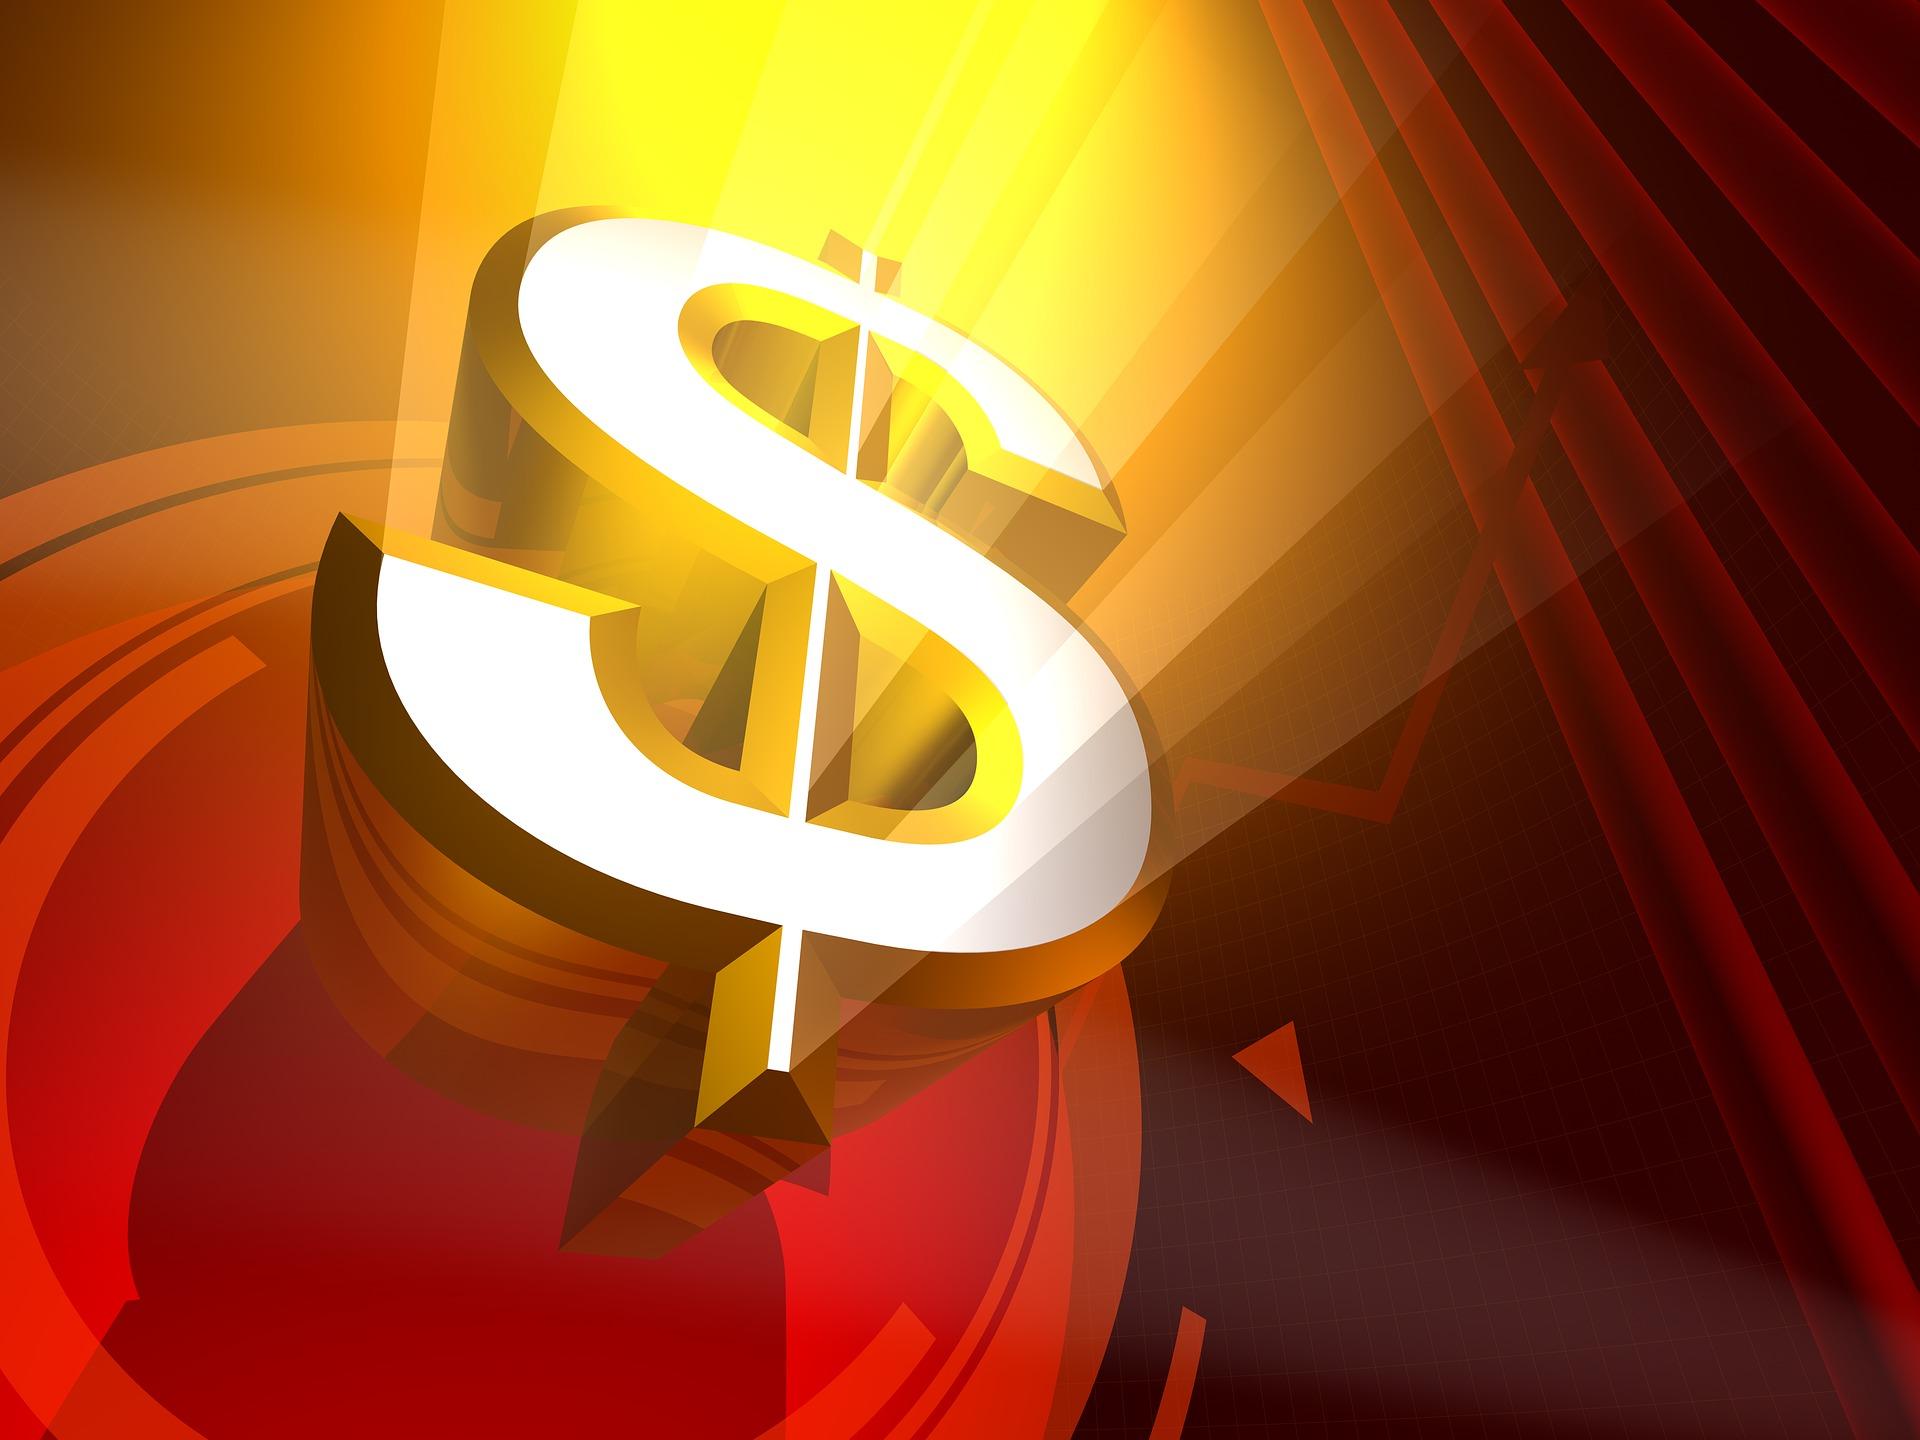 CarMoney Нижневартовск - Помощь в оформлении кредита